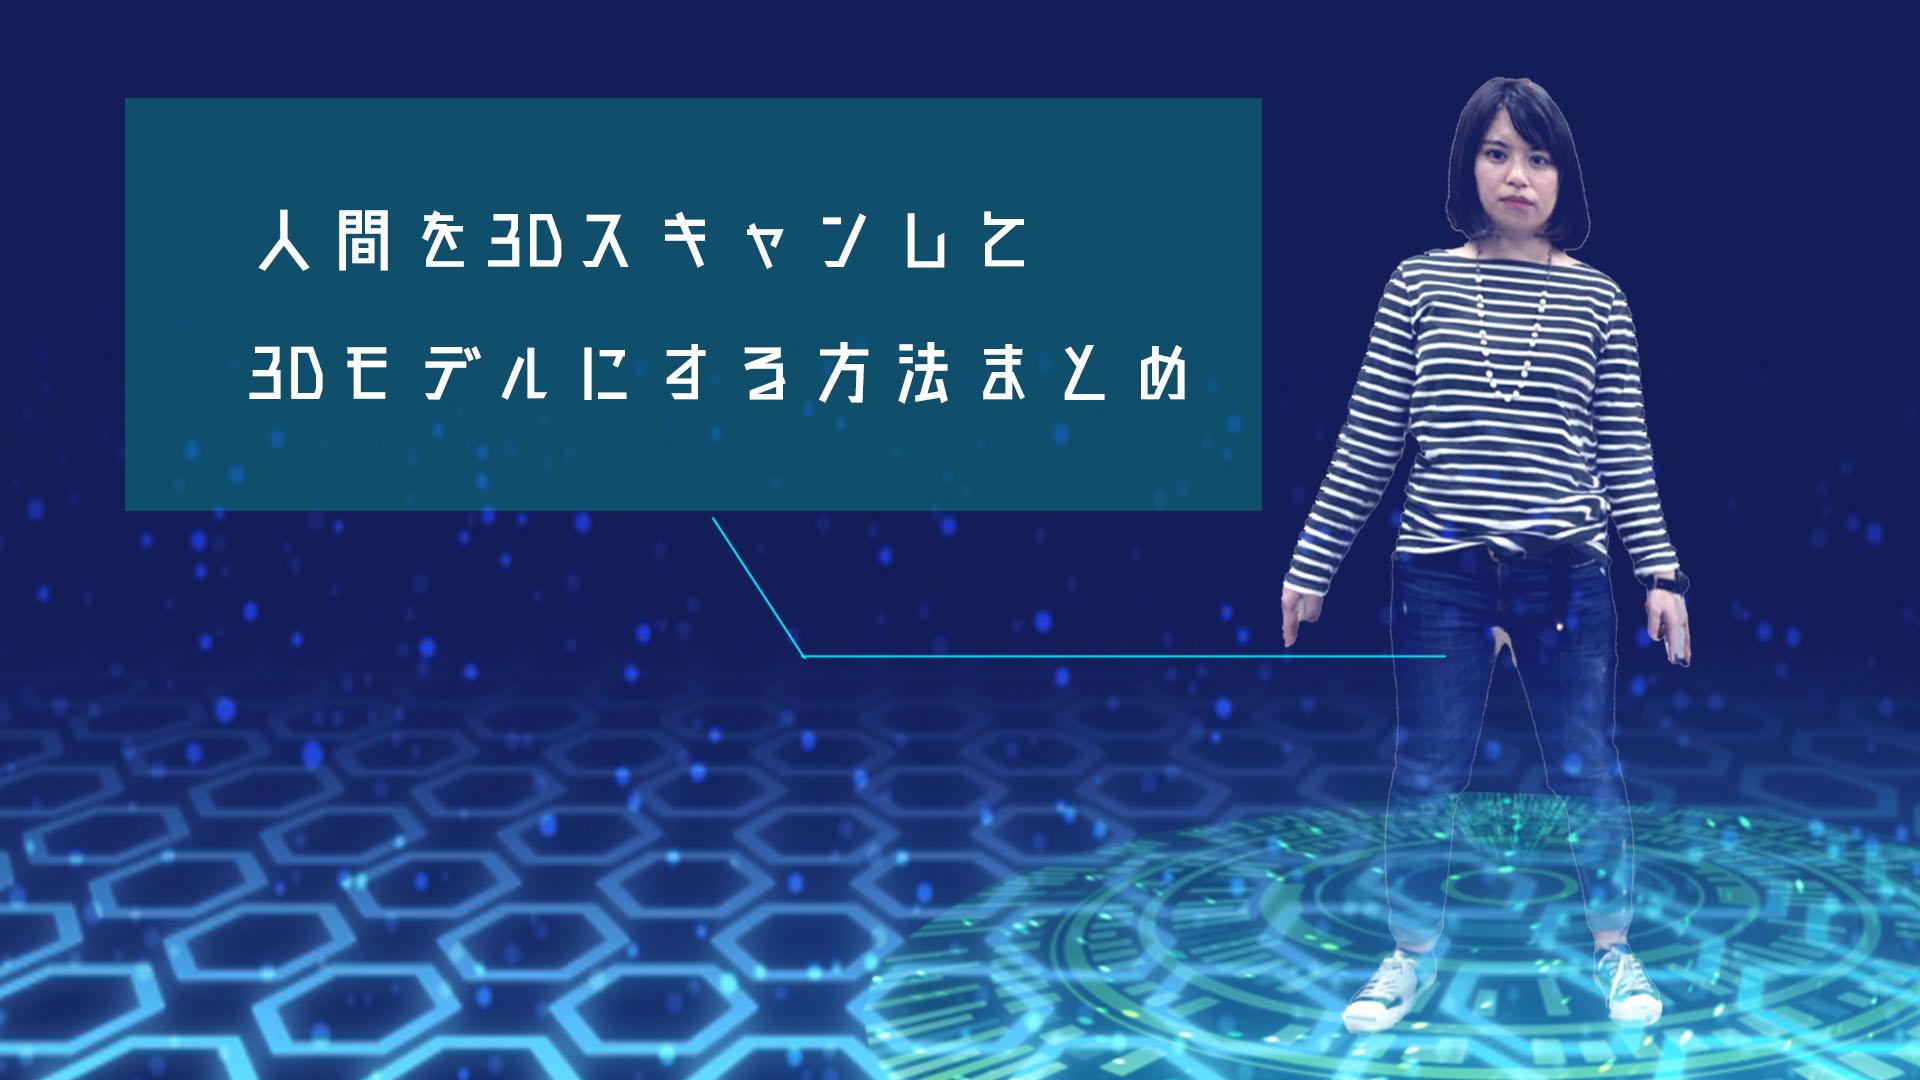 人間を3Dスキャン